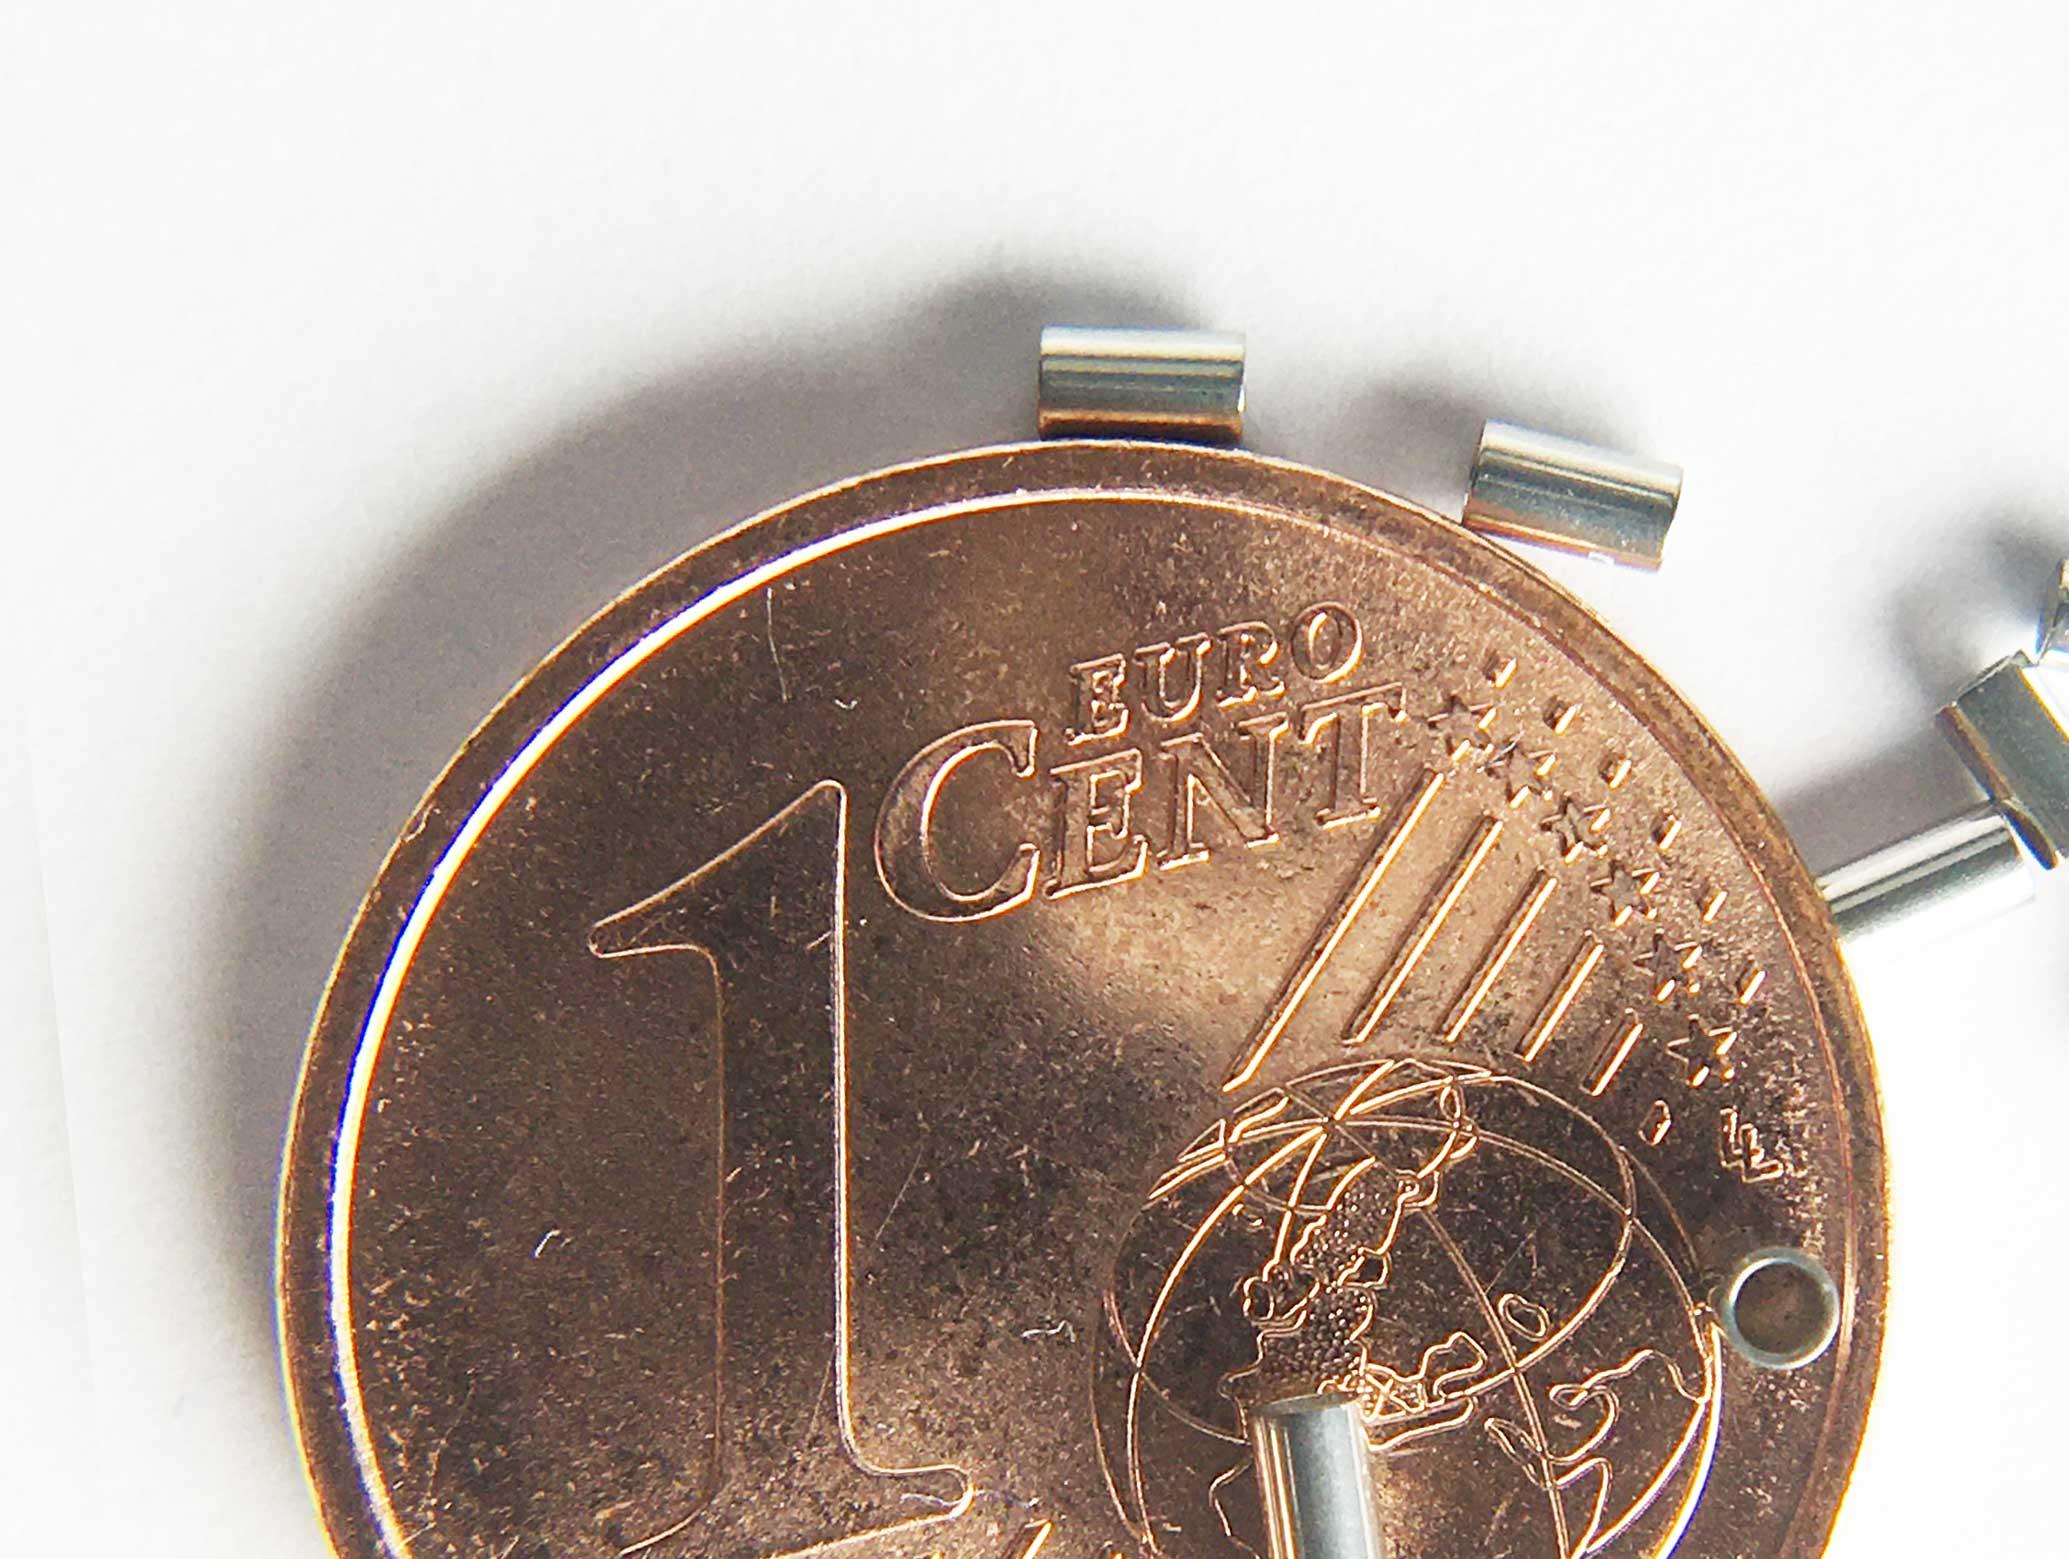 """SMT-Präzisionsröhrchen Crimpable Stop CT09 Innendurchmesser 0,9 mm / 0.035"""" Außendurchmesser 1,2 mm Länge 2,0 mm"""